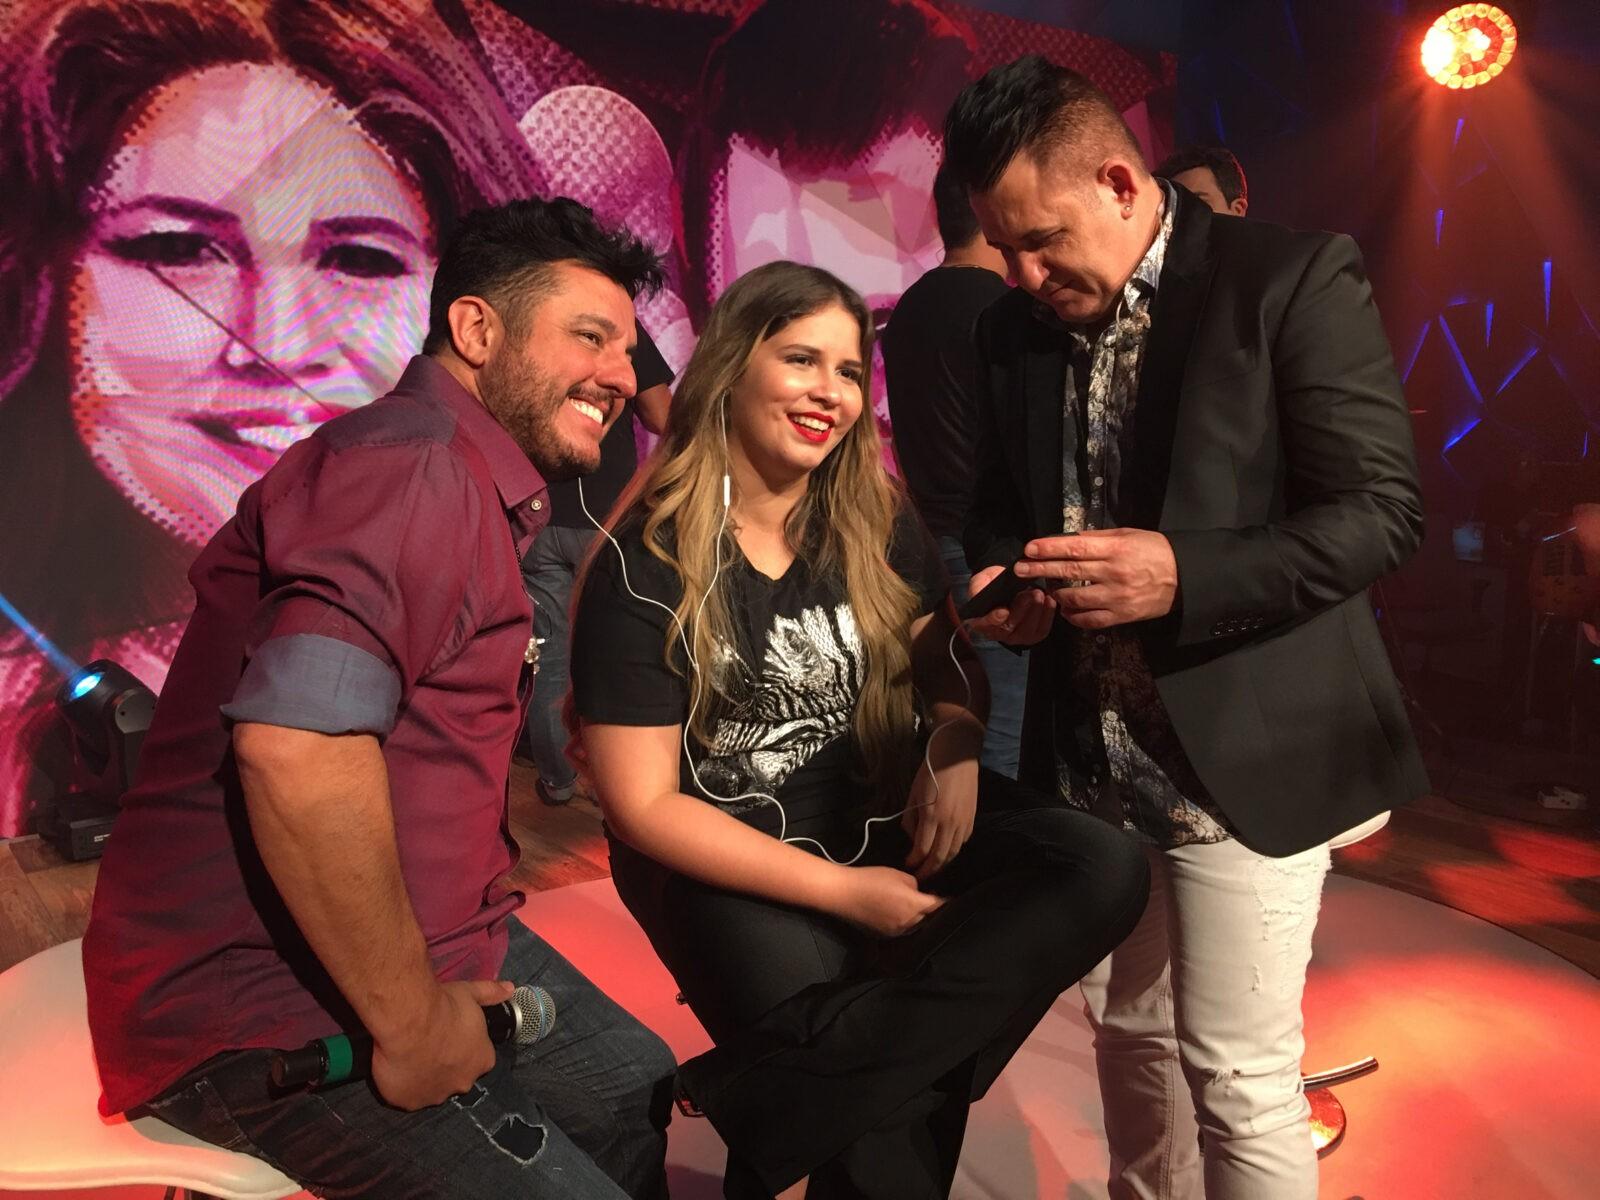 Marília Mendonça e a dupla Bruno & Marrone lançam nova música no 'Fantástico' deste domingo. Crédito: Globo/ Camila Crespo